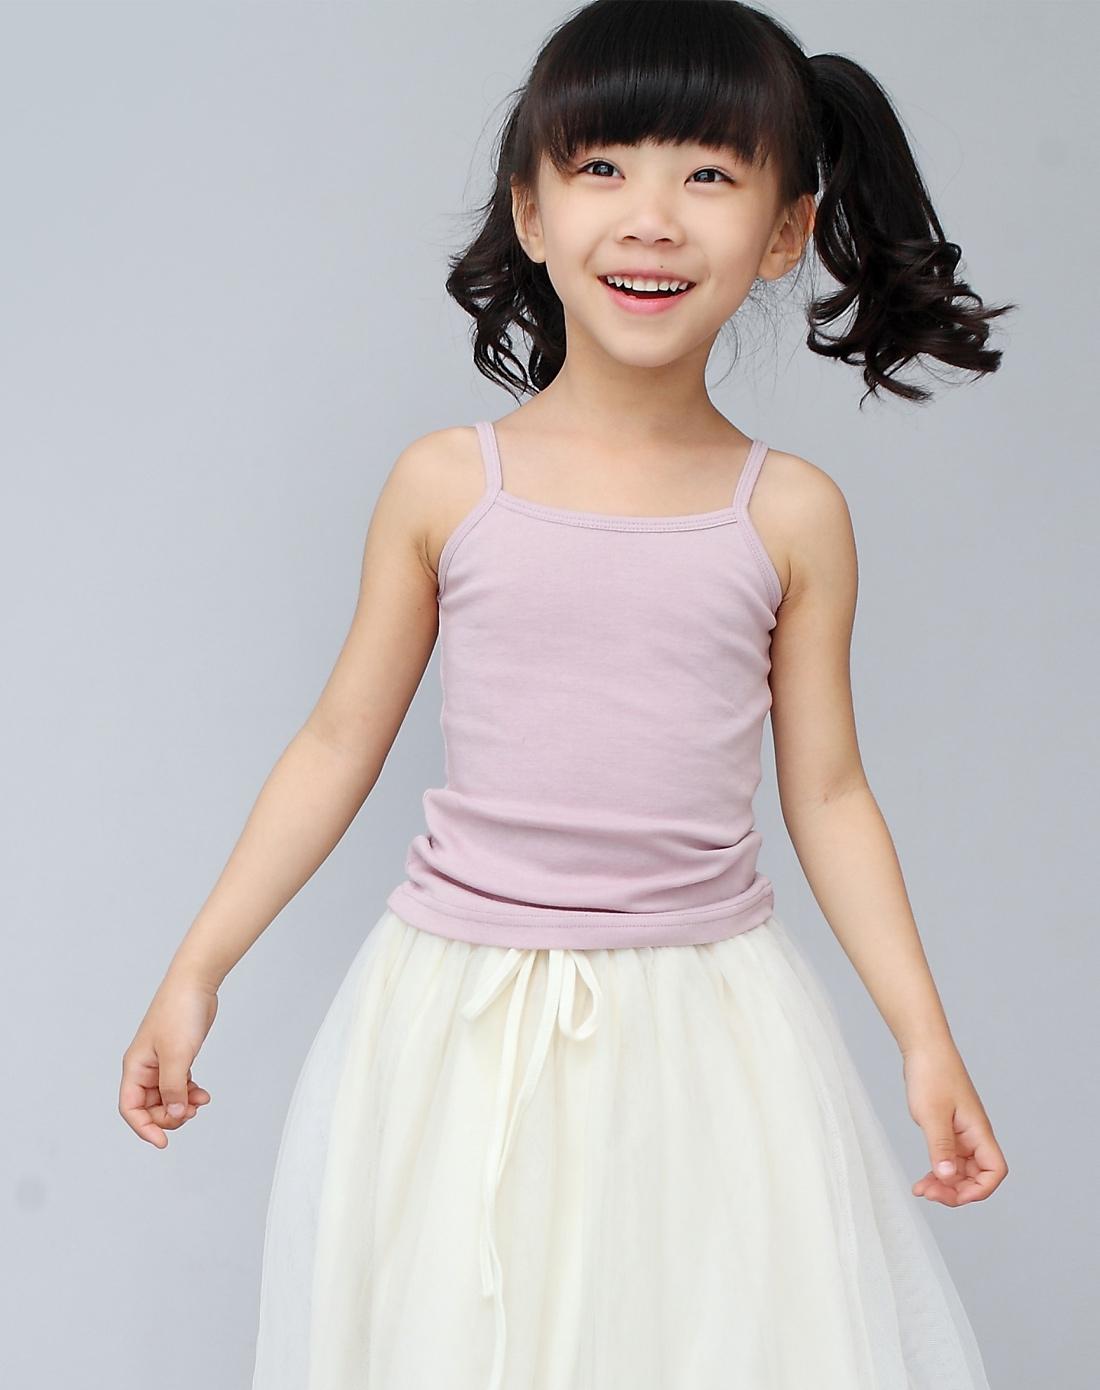 伊尚贝丽esbeeli女童专场女童淡紫色可爱吊带背心e120